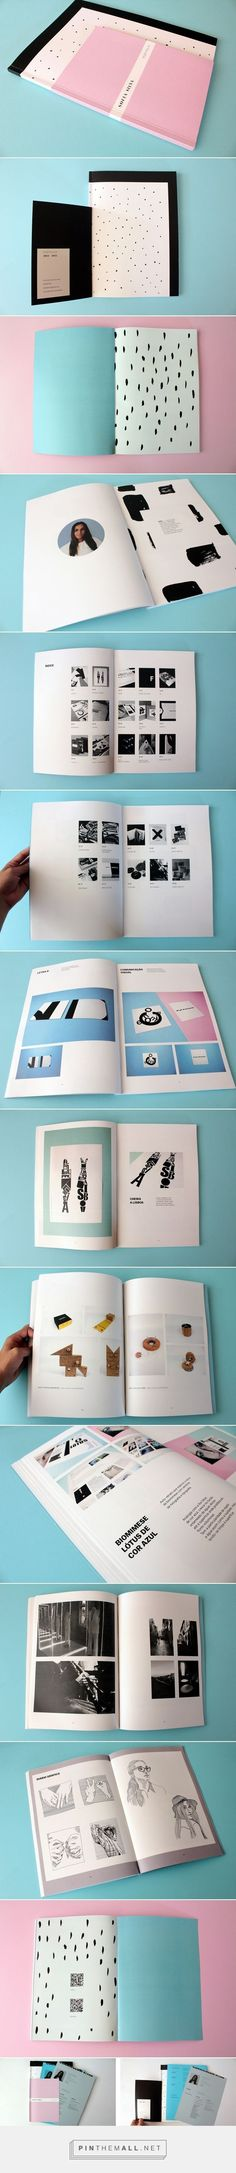 Portfolio & CV design